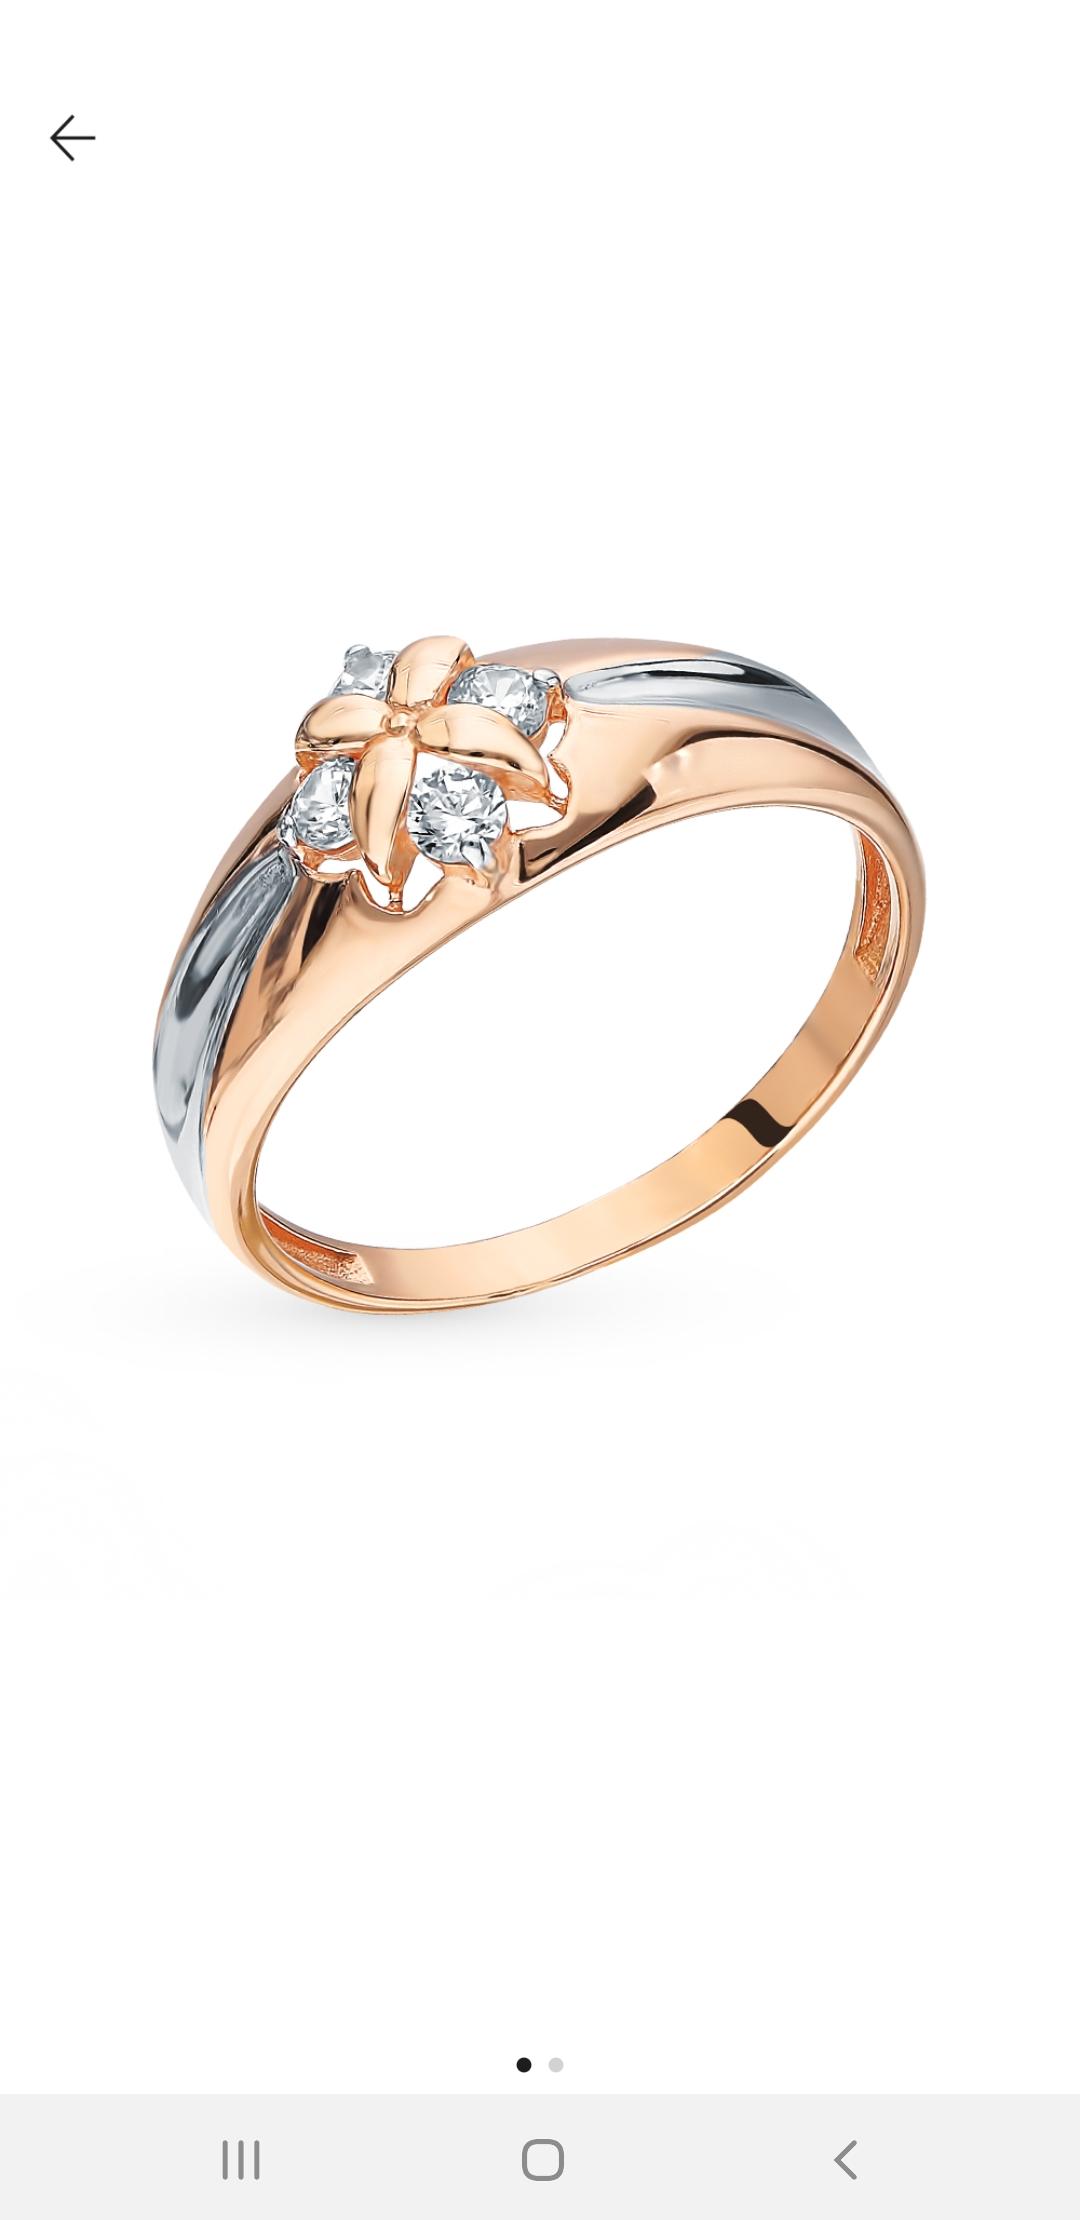 Очень понравилось кольцо, в подарок на новый год самое то.)